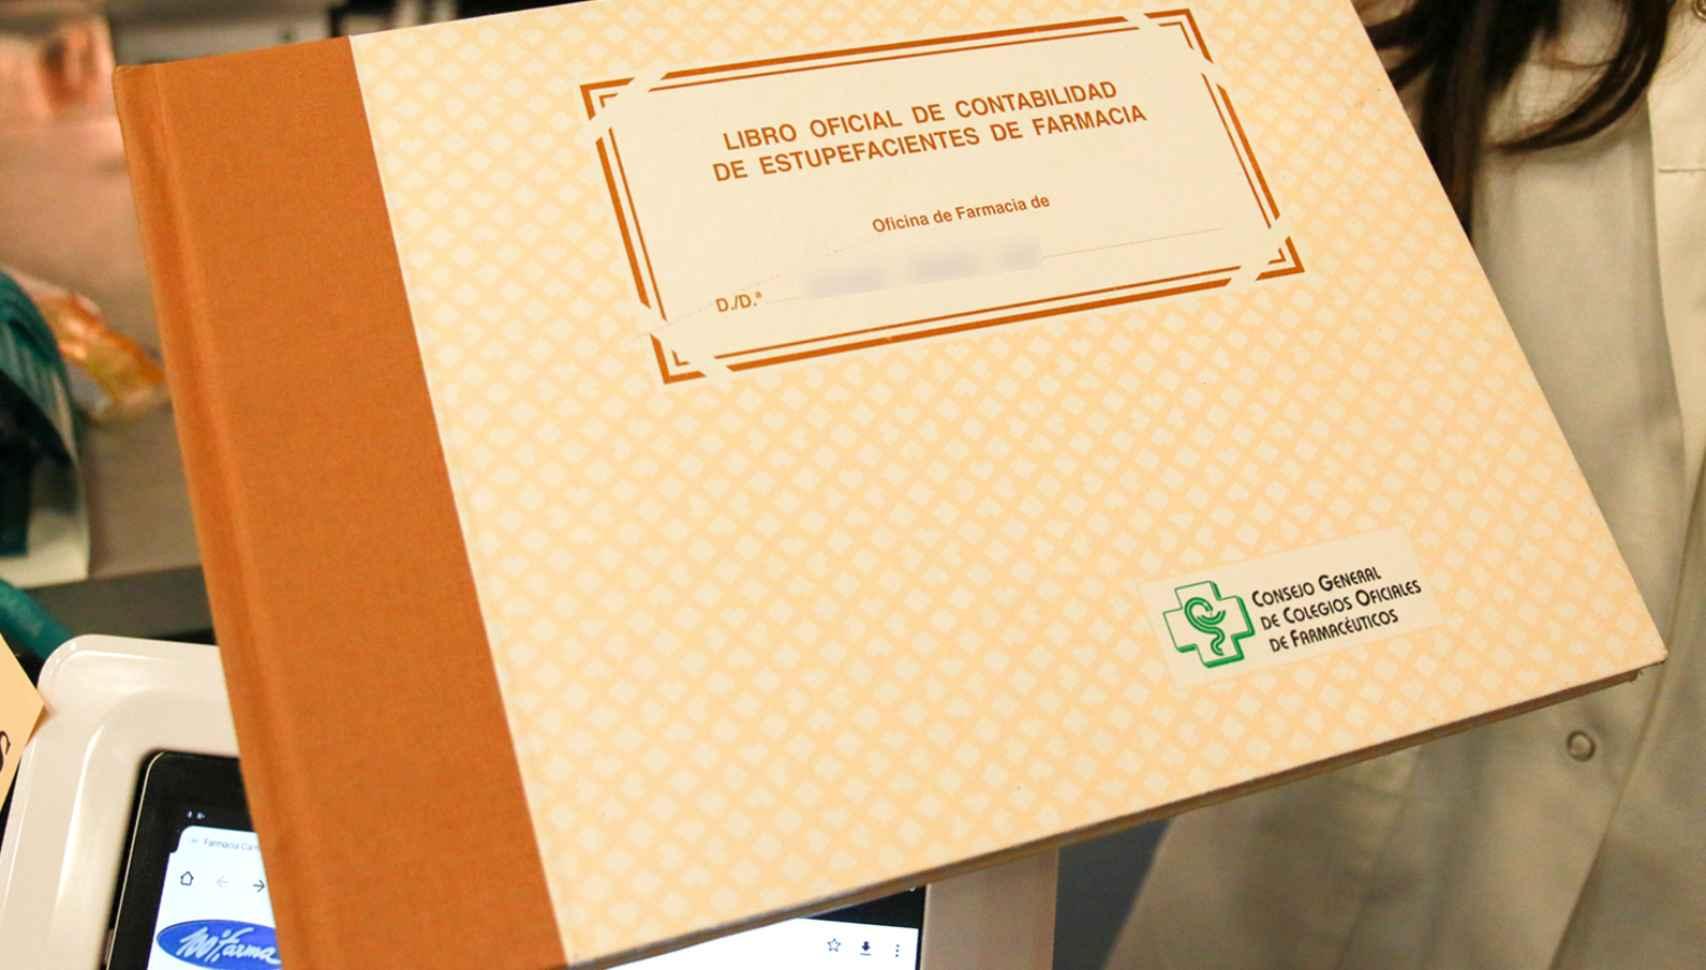 El libro de estupefacientes de una farmacia madrileña.